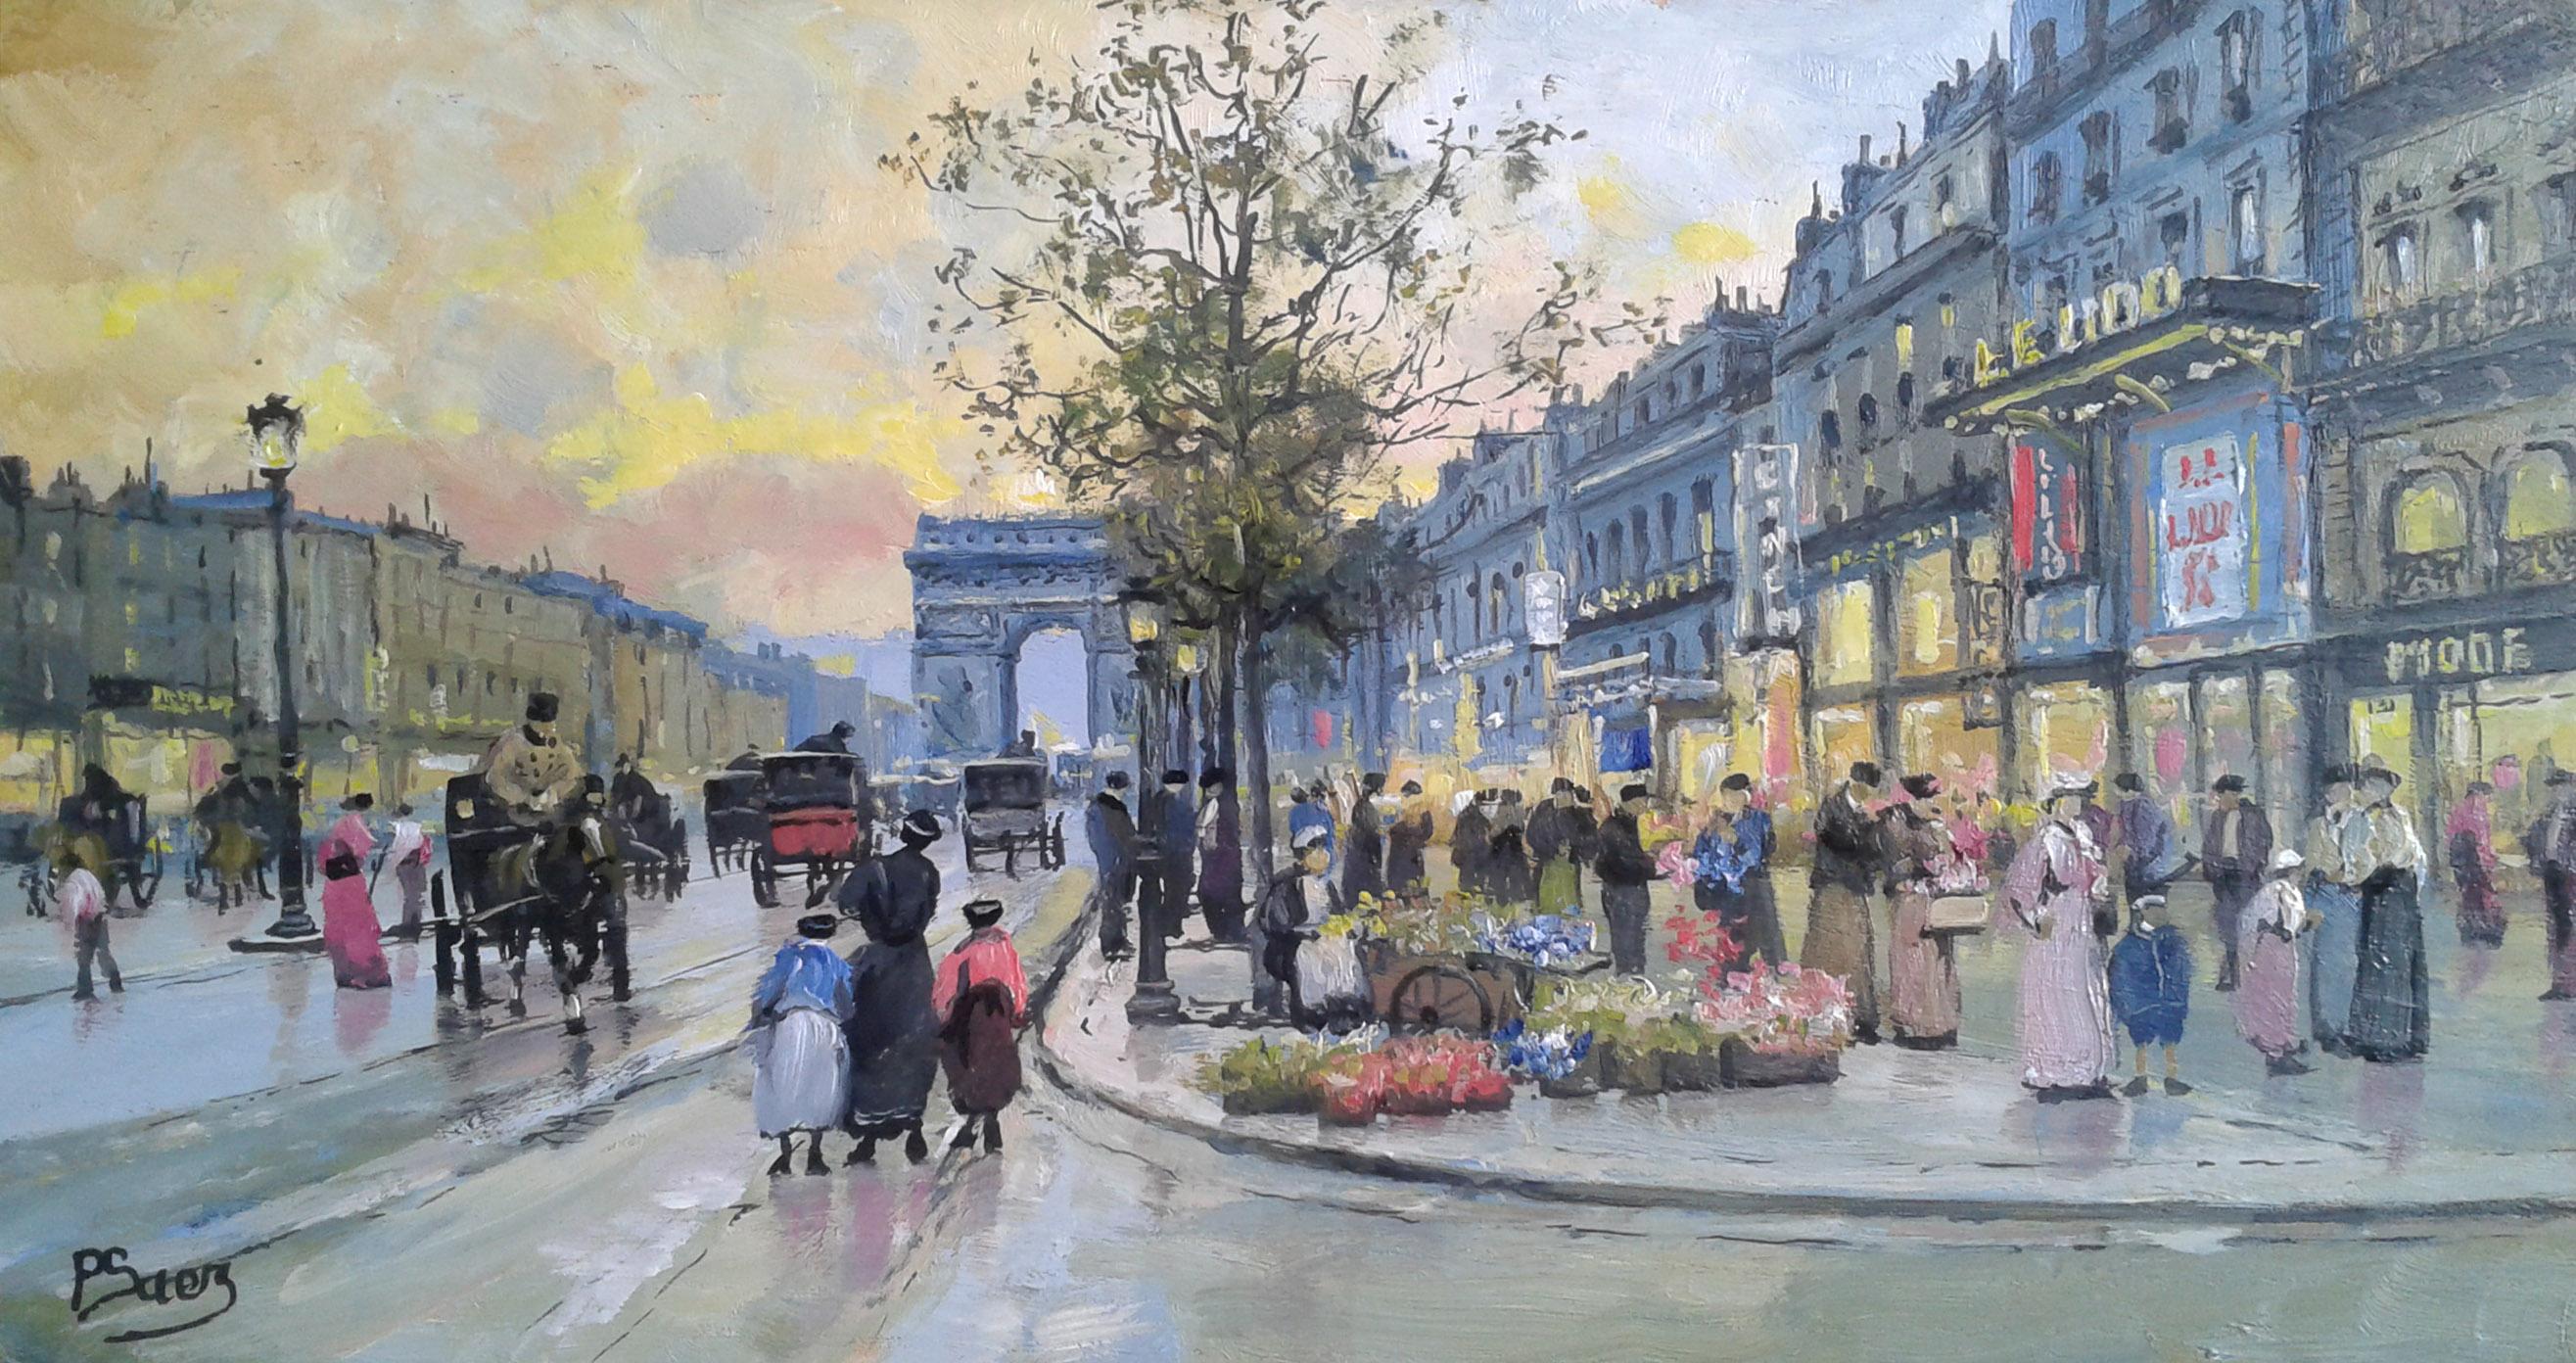 丈量巴黎 |香榭丽舍大街的今昔与未来